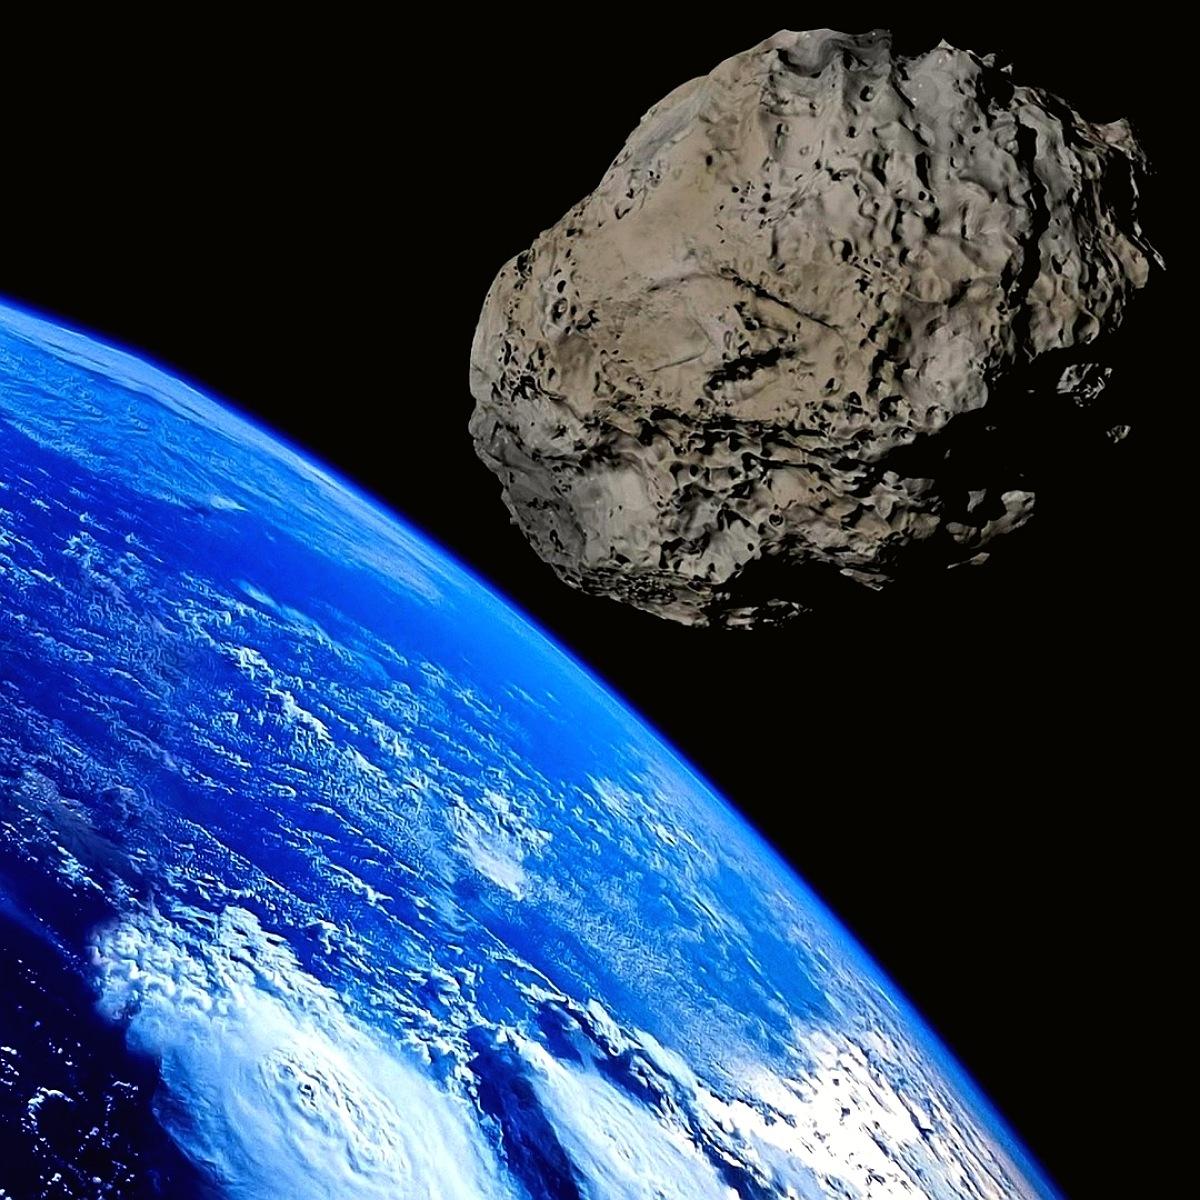 Asteroide più grande dell'anno